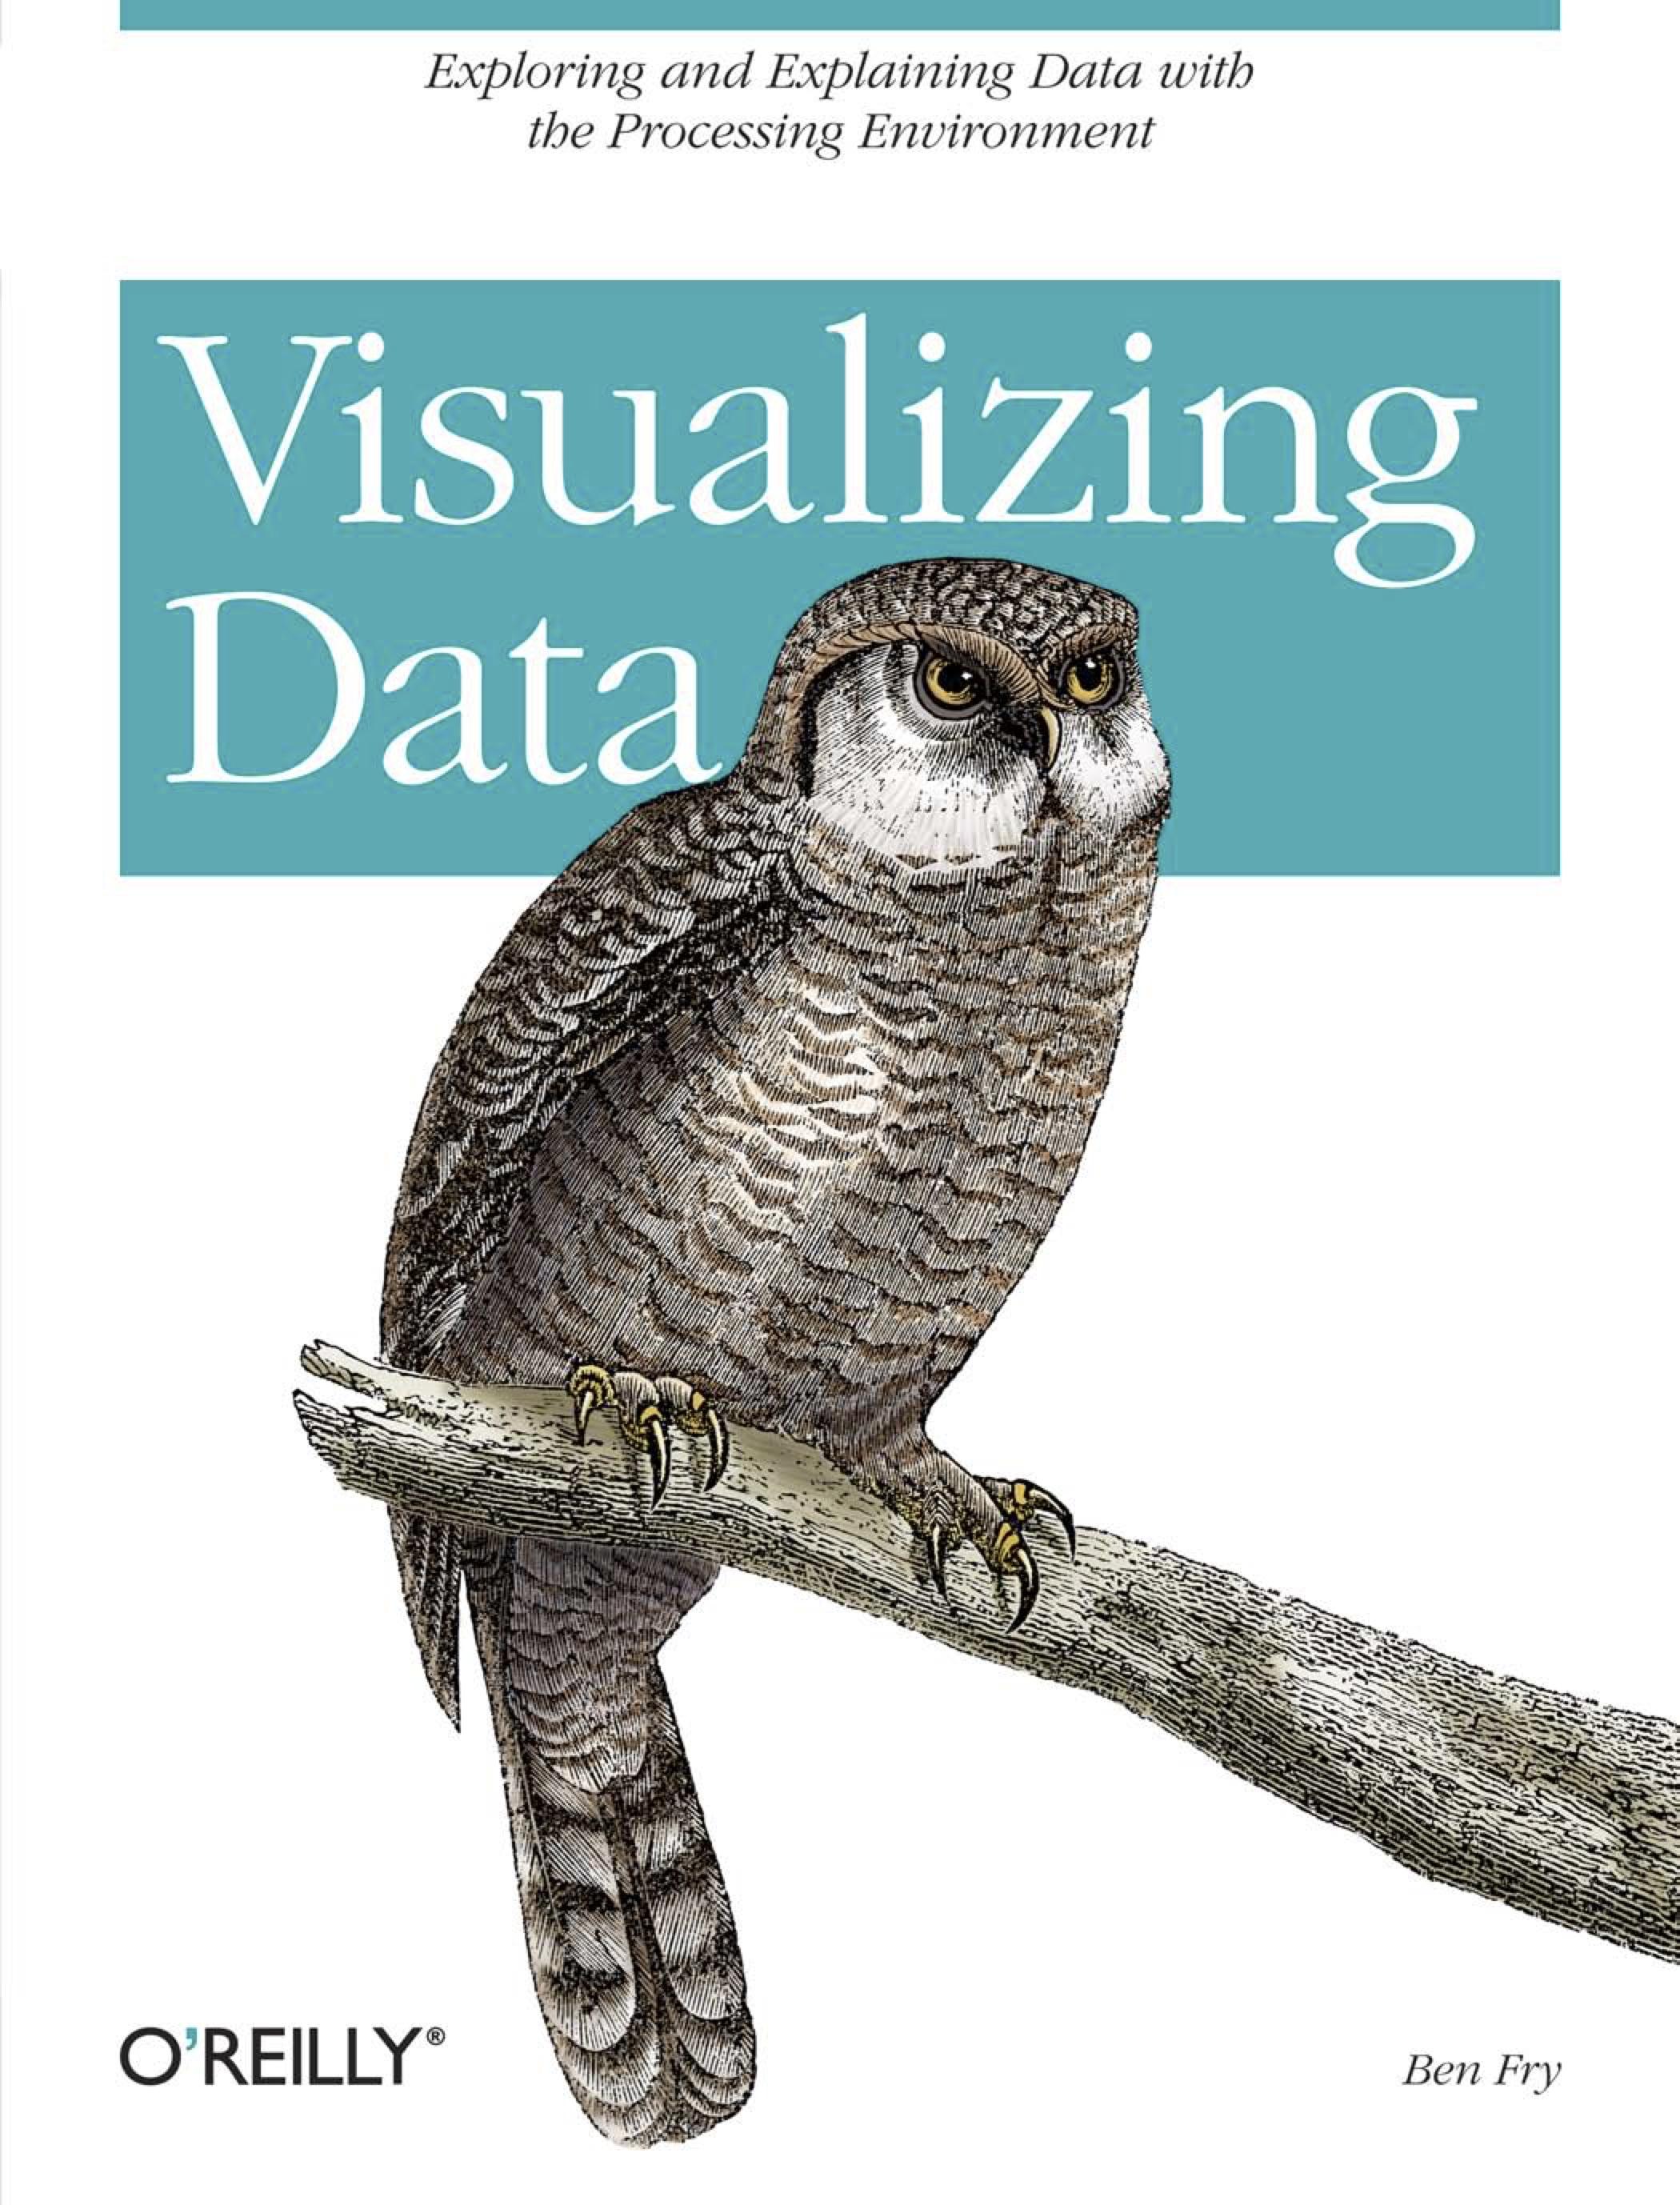 Visualizing Data - (Inglés)Este libro explica cómo representar datos con precisión en la Web y en otros lugares, con la interacción del usuario,animaciones y más. Aprenderá principios básicos de visualización y cómo proporcionar funciones interactivas para diseñar interfaces completas en conjuntos de datos grandes y complejos.